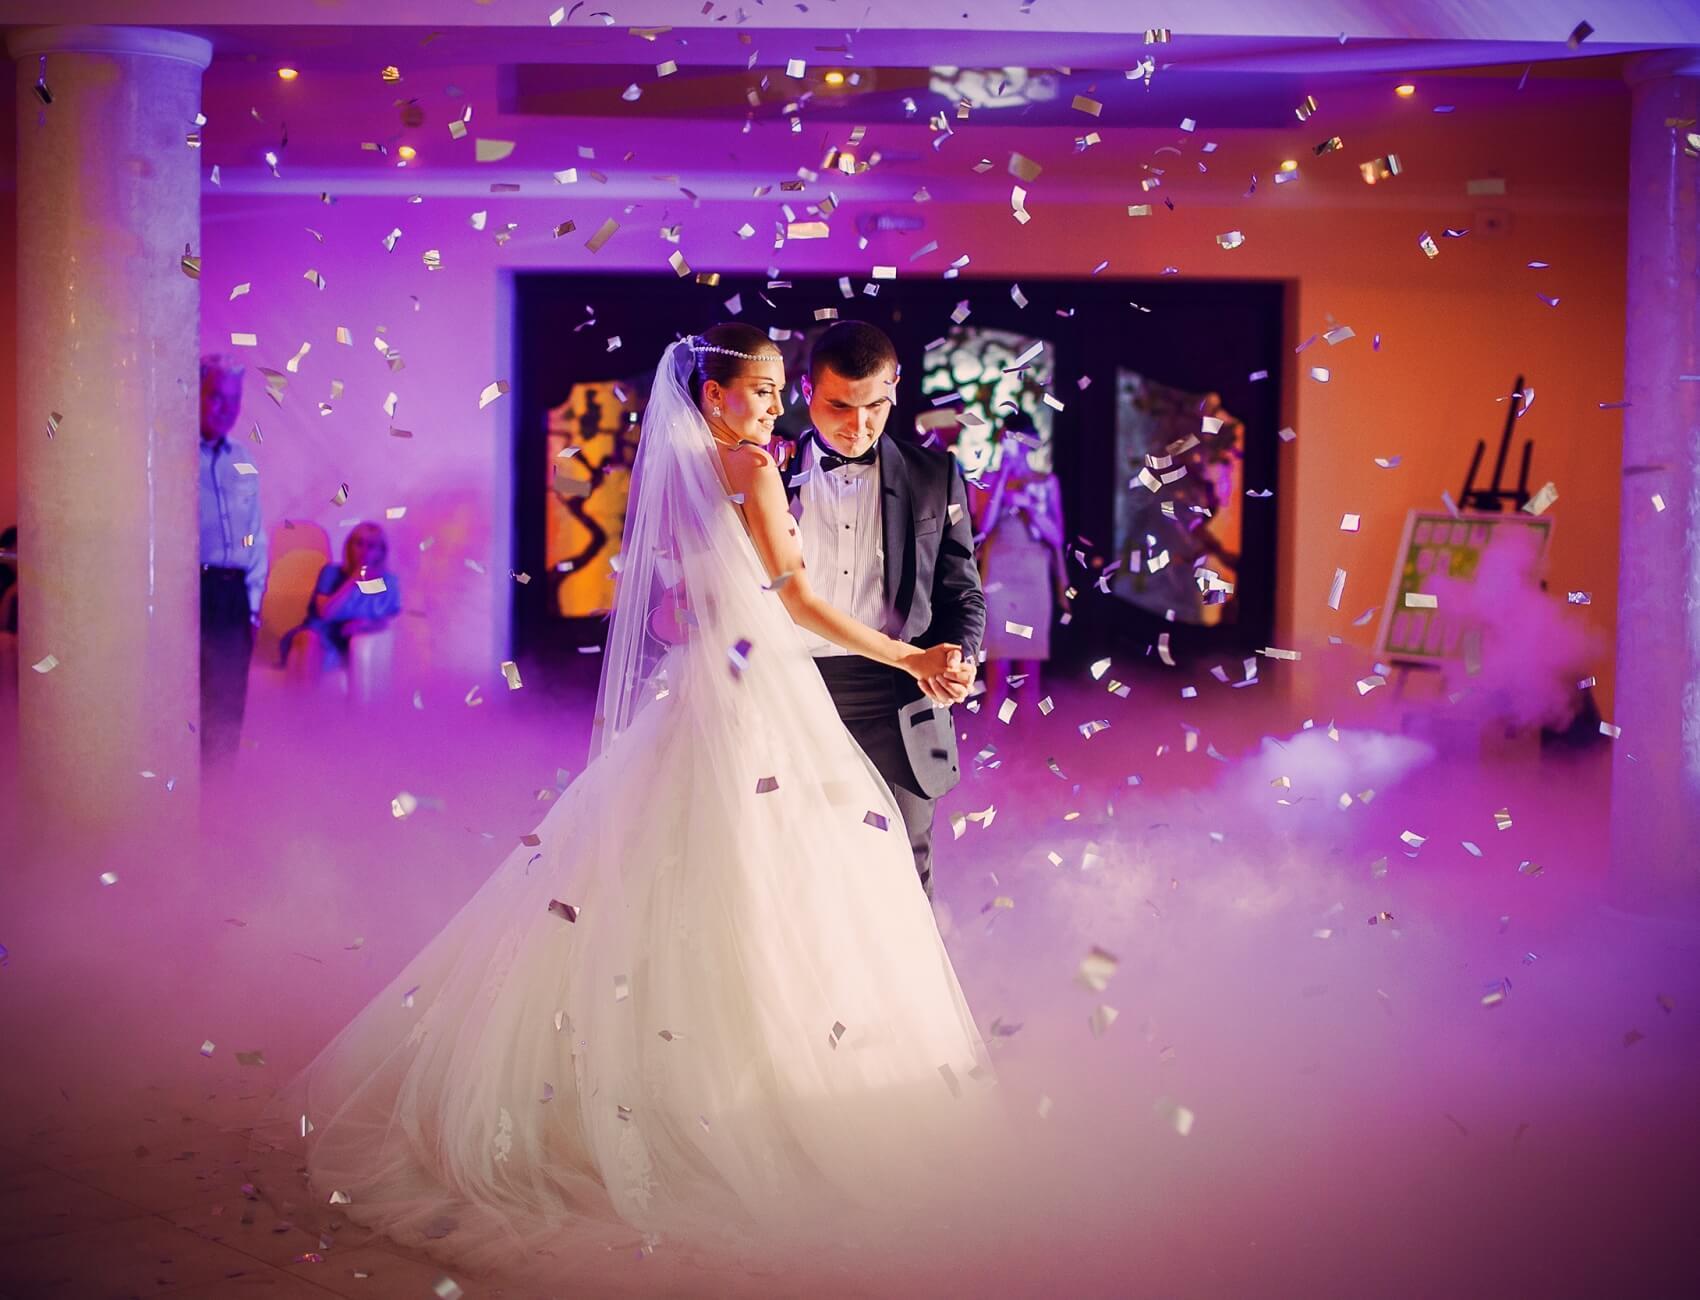 düğün dansı nasıl olur